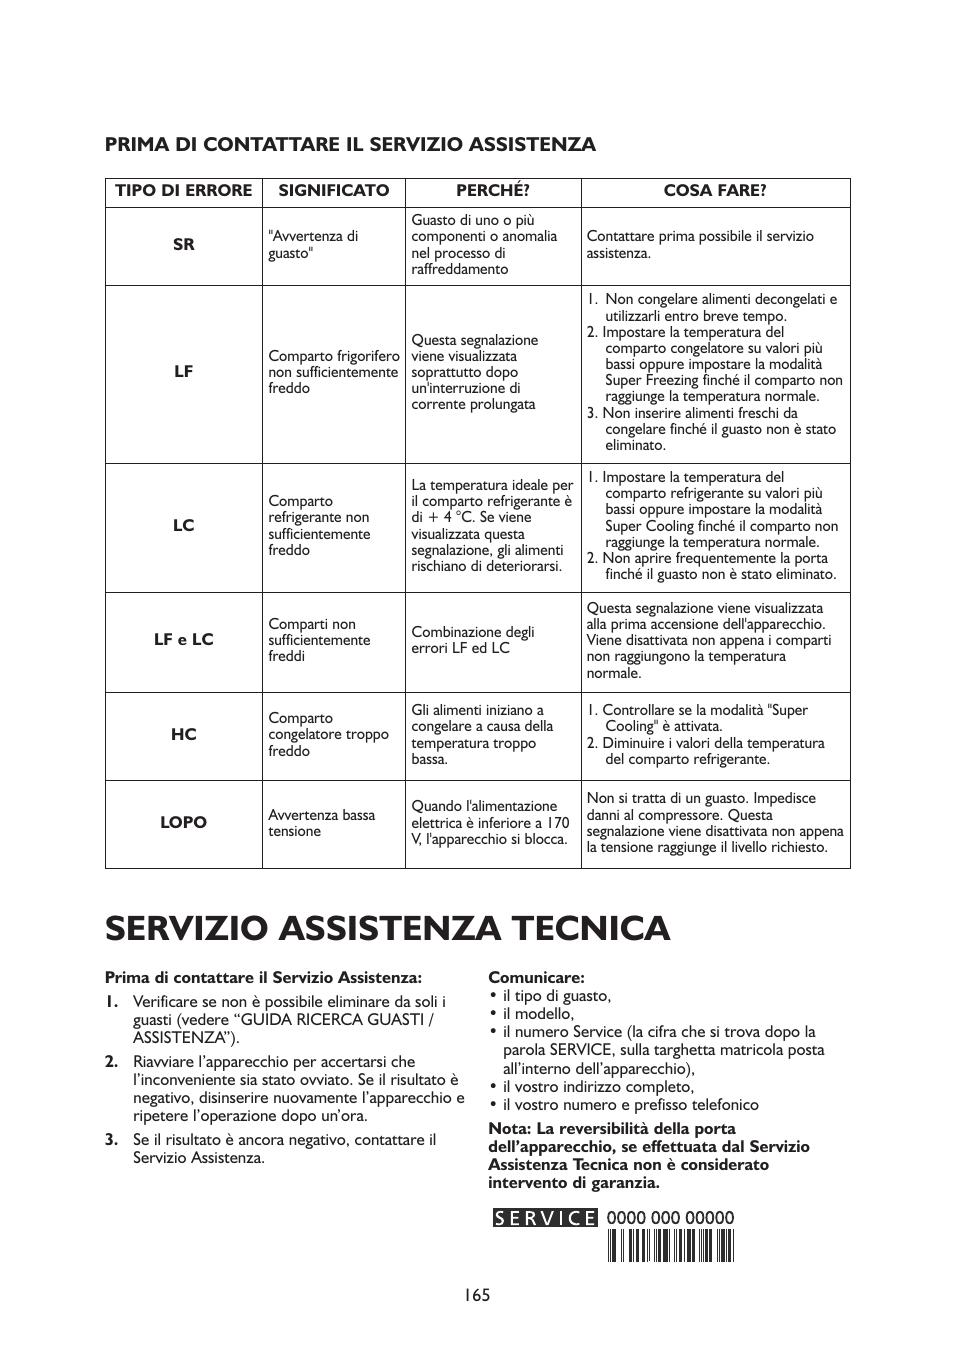 Servizio Assistenza Tecnica Whirlpool Wth5244 Nfm Manuale Duso